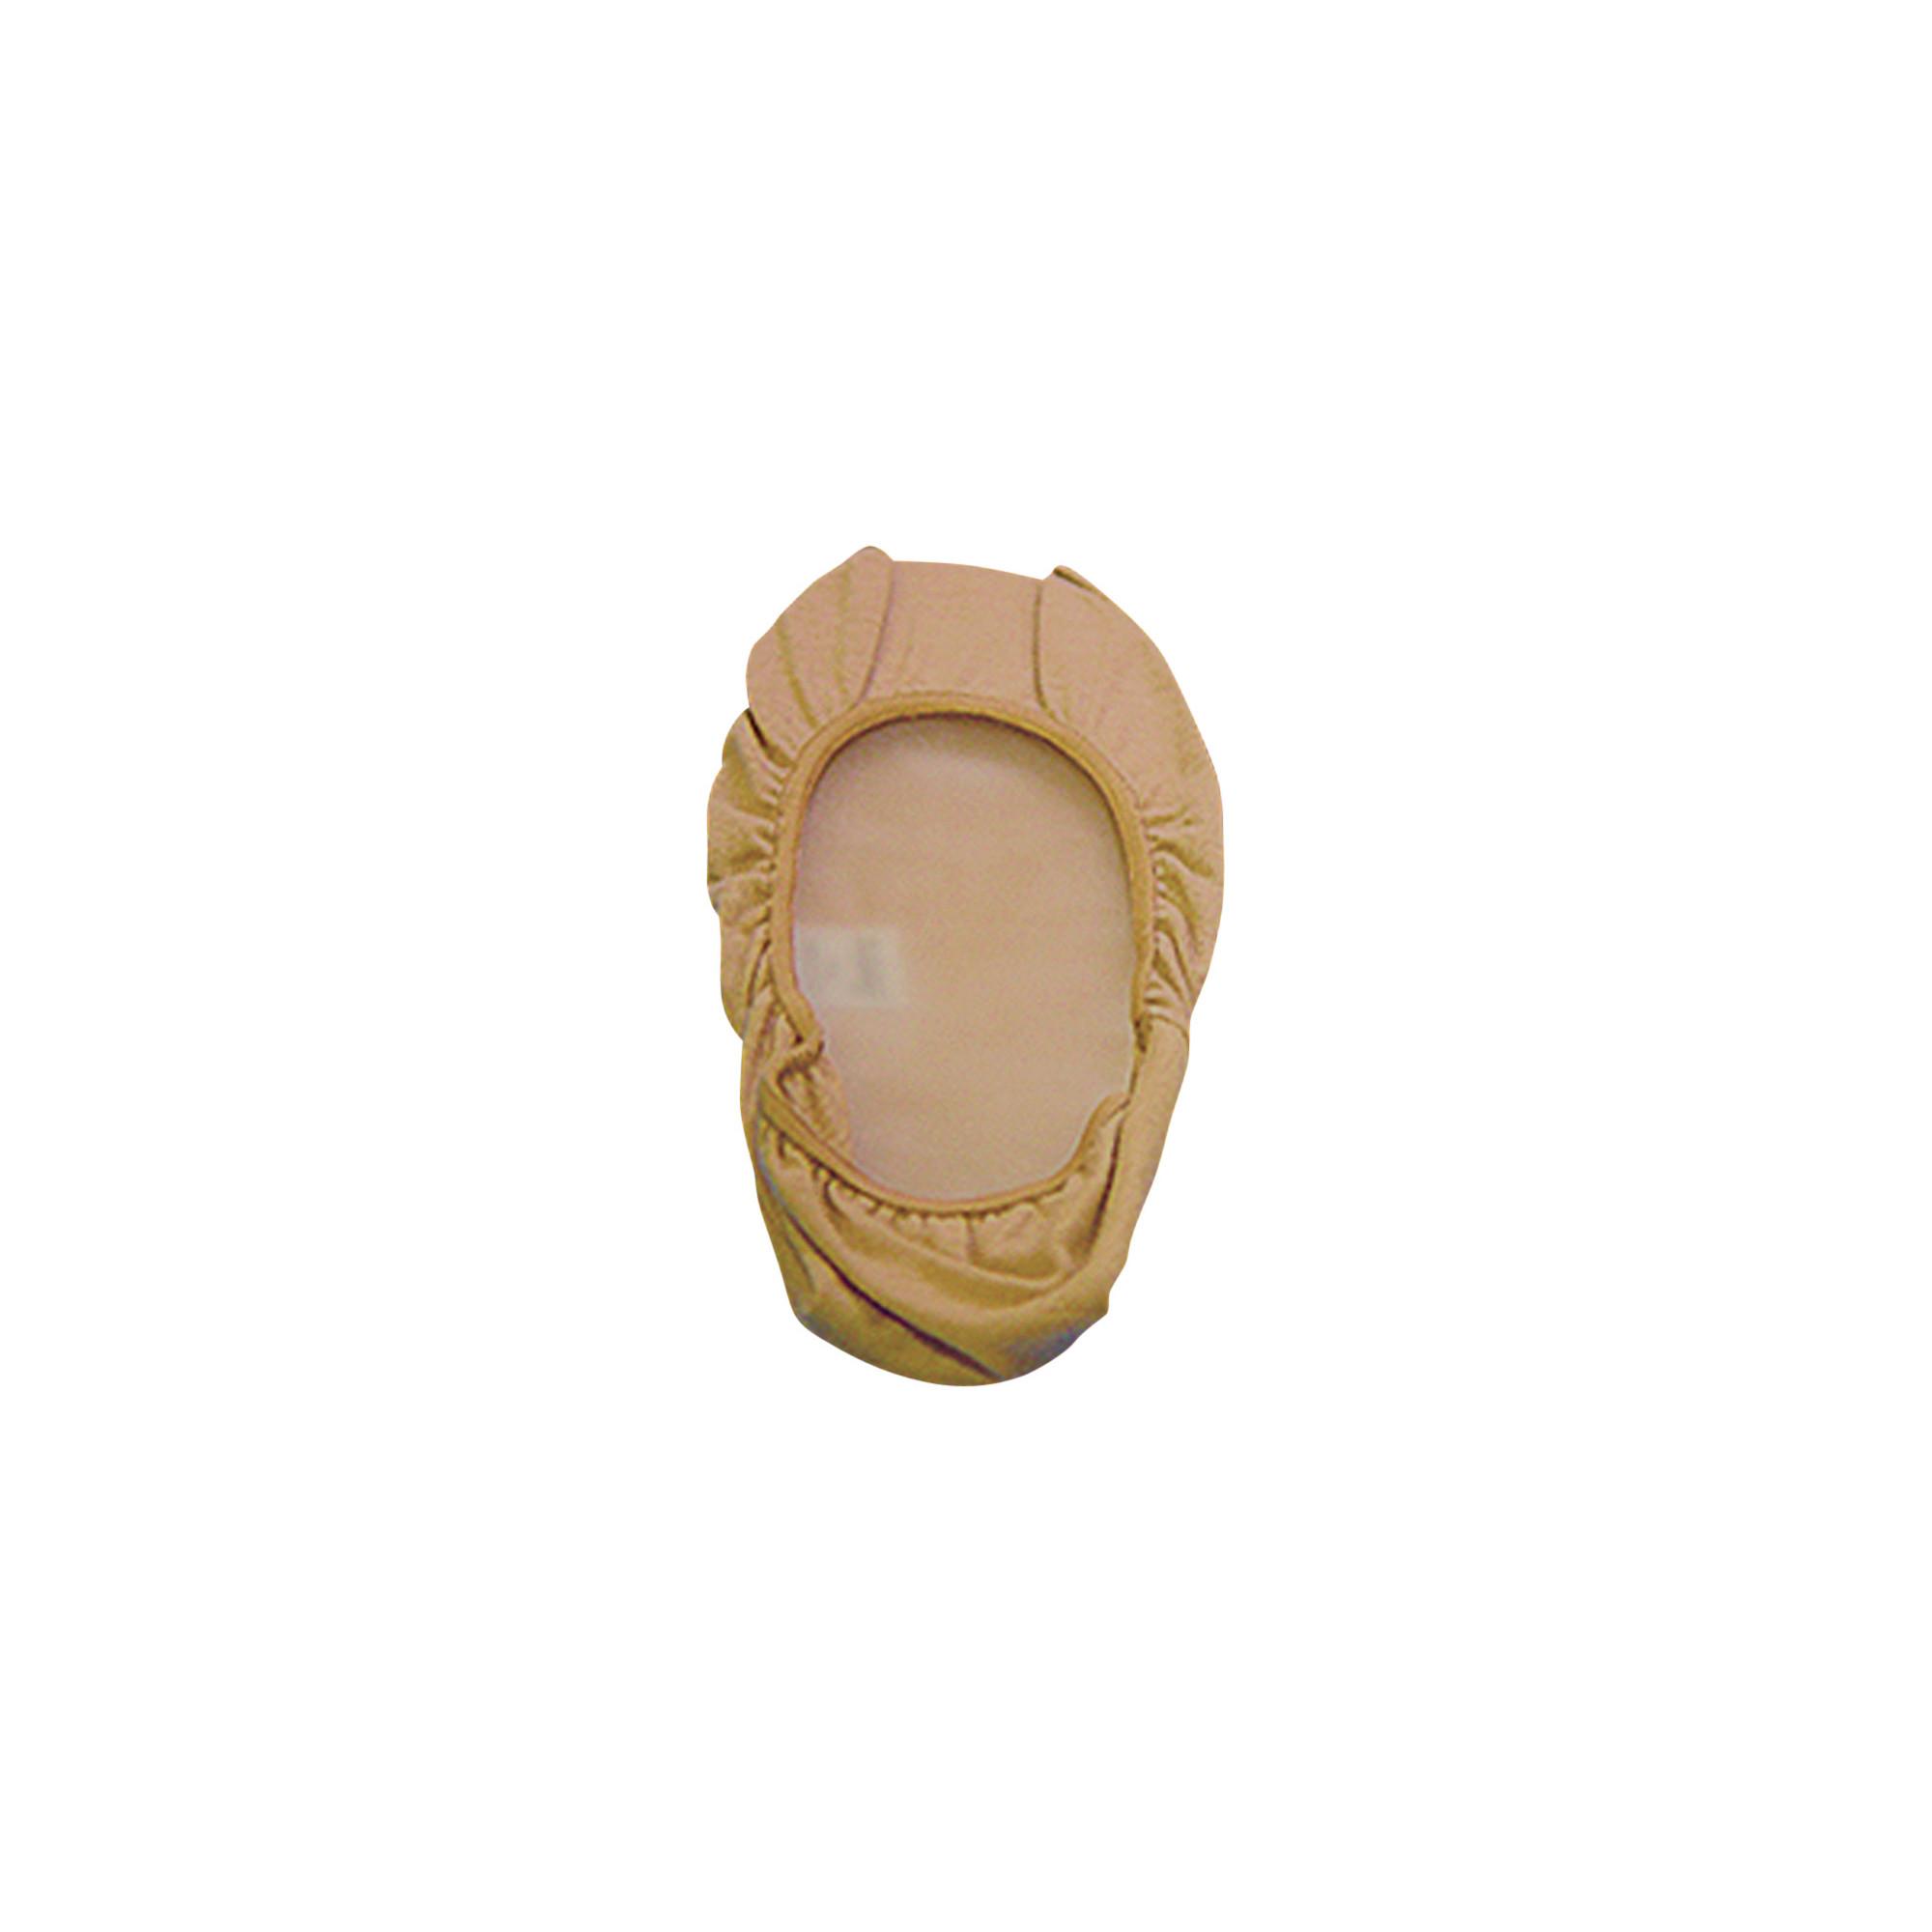 Chaussette de protection élastique - 4 tailles disponibles - 1 paire